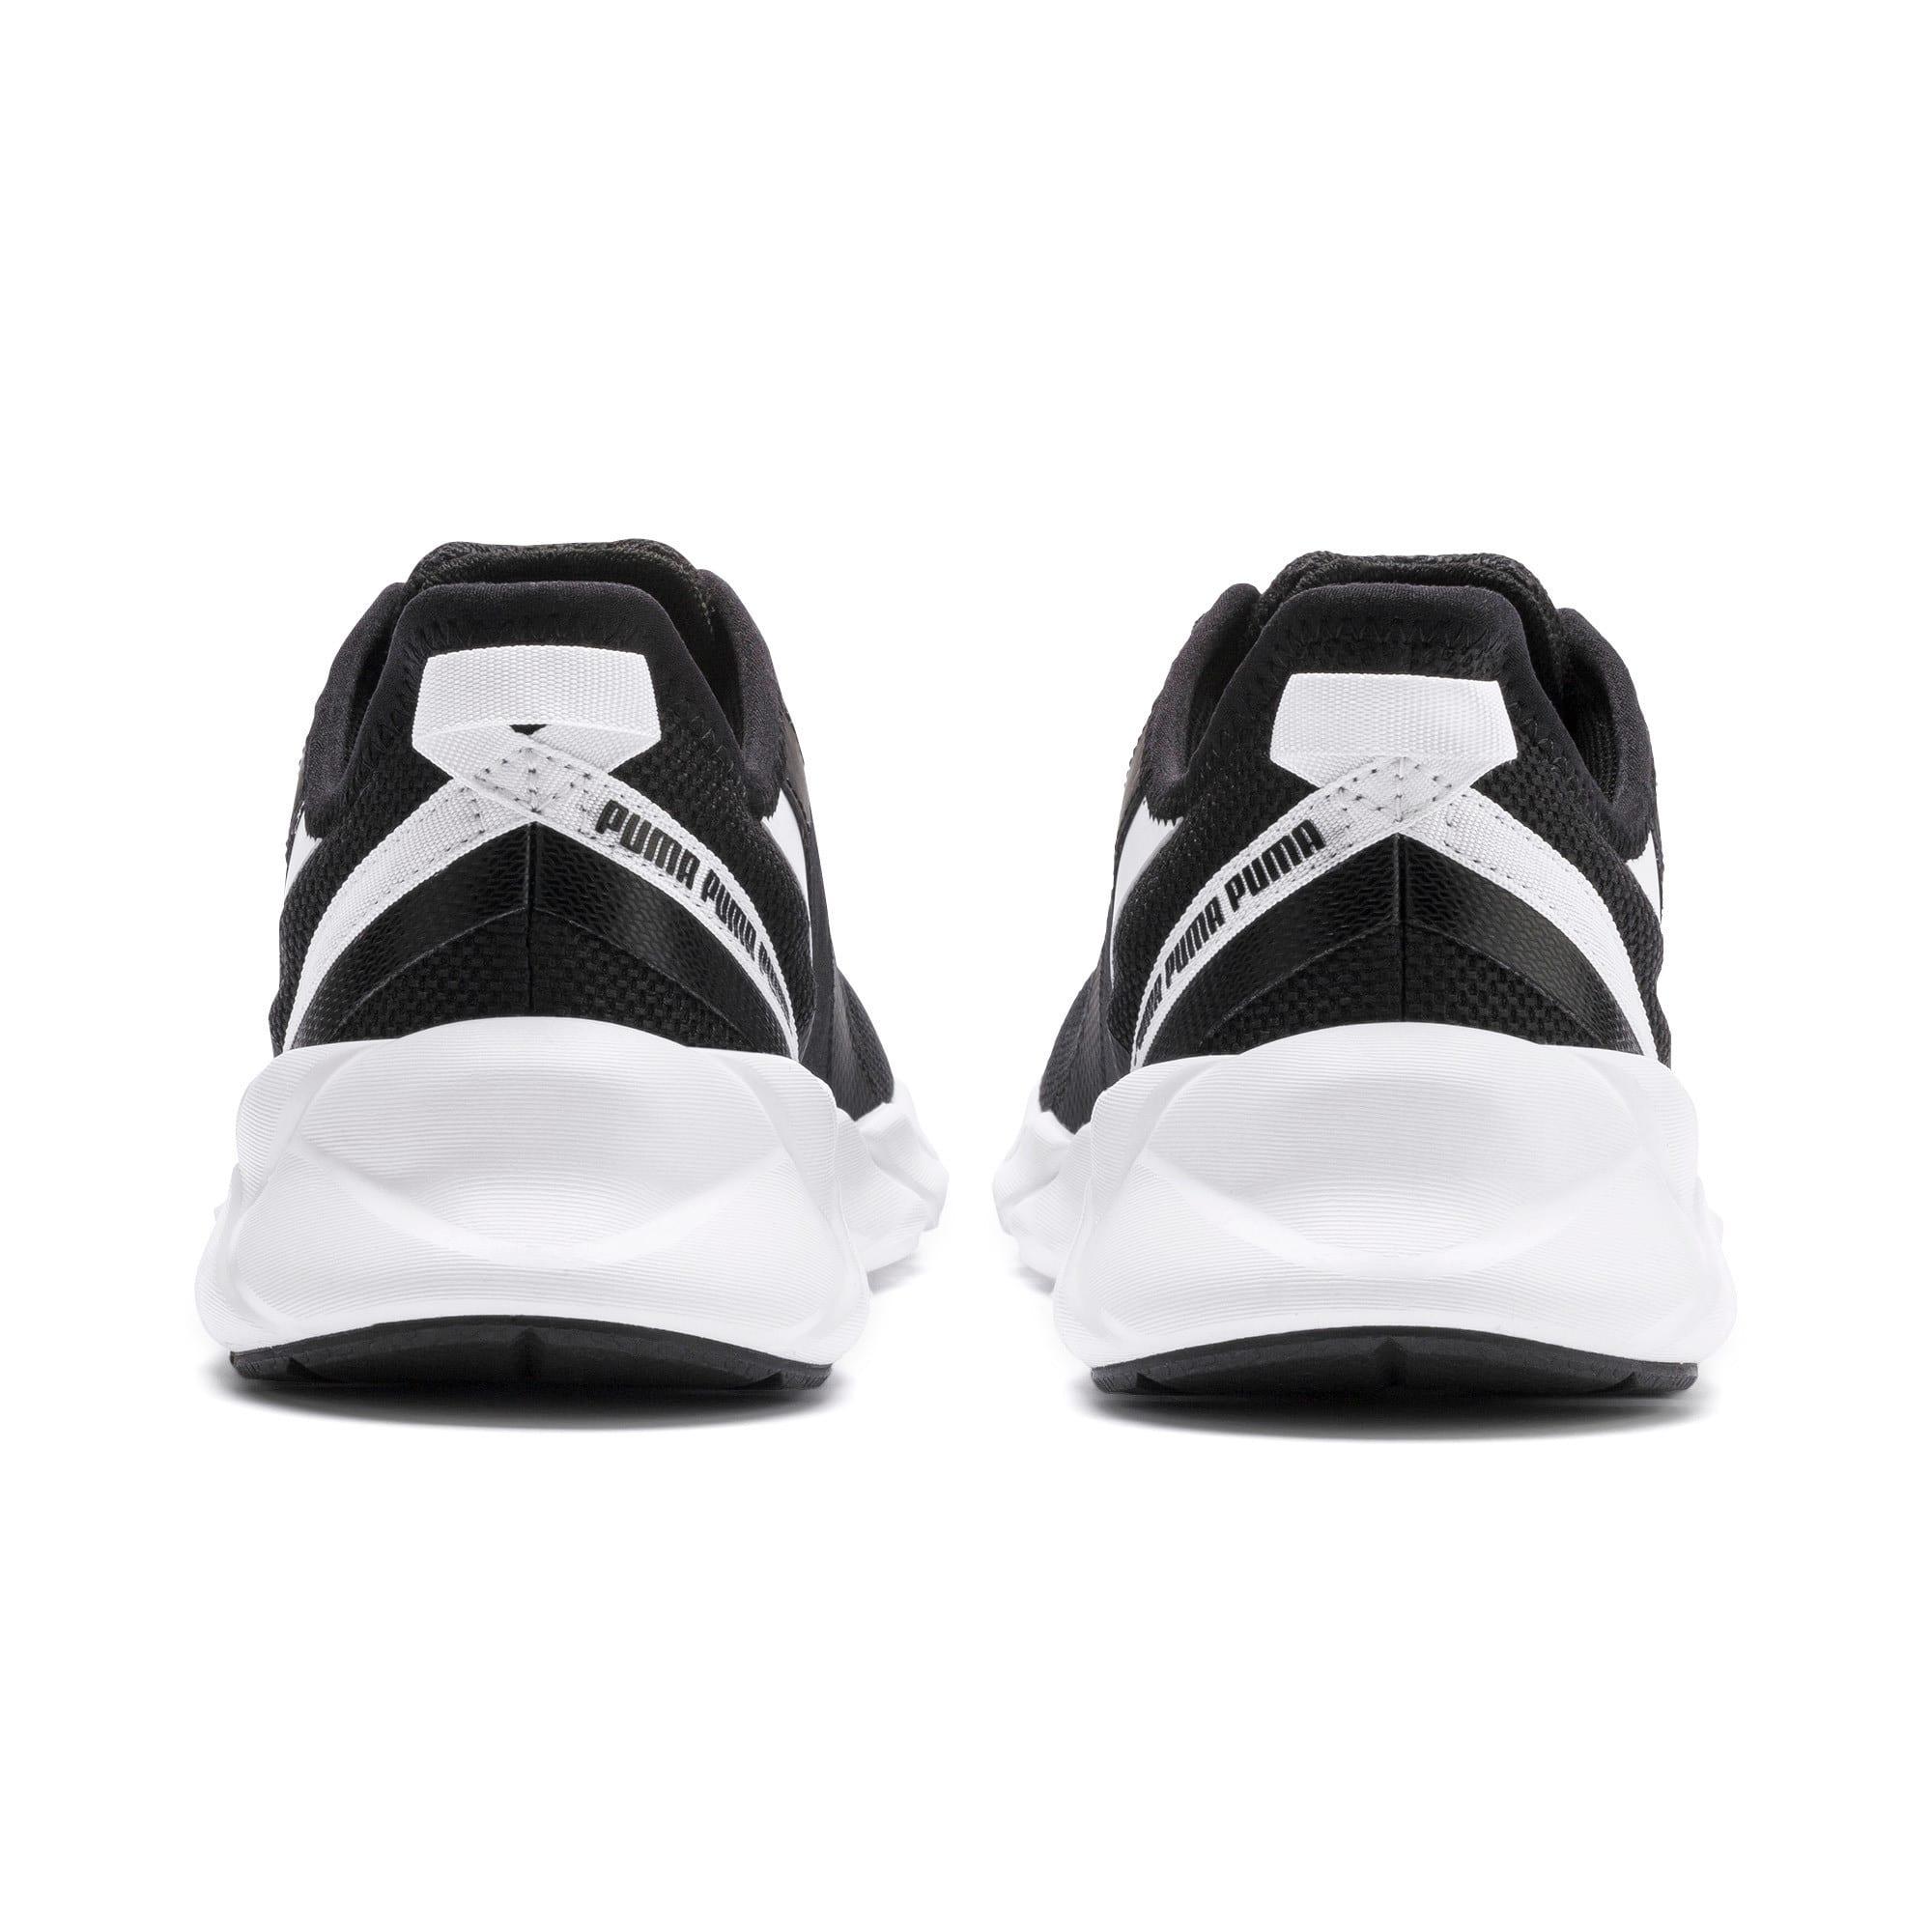 Miniatura 4 de Zapatos de entrenamiento Weave XT para mujer, Puma Black-Puma White, mediano